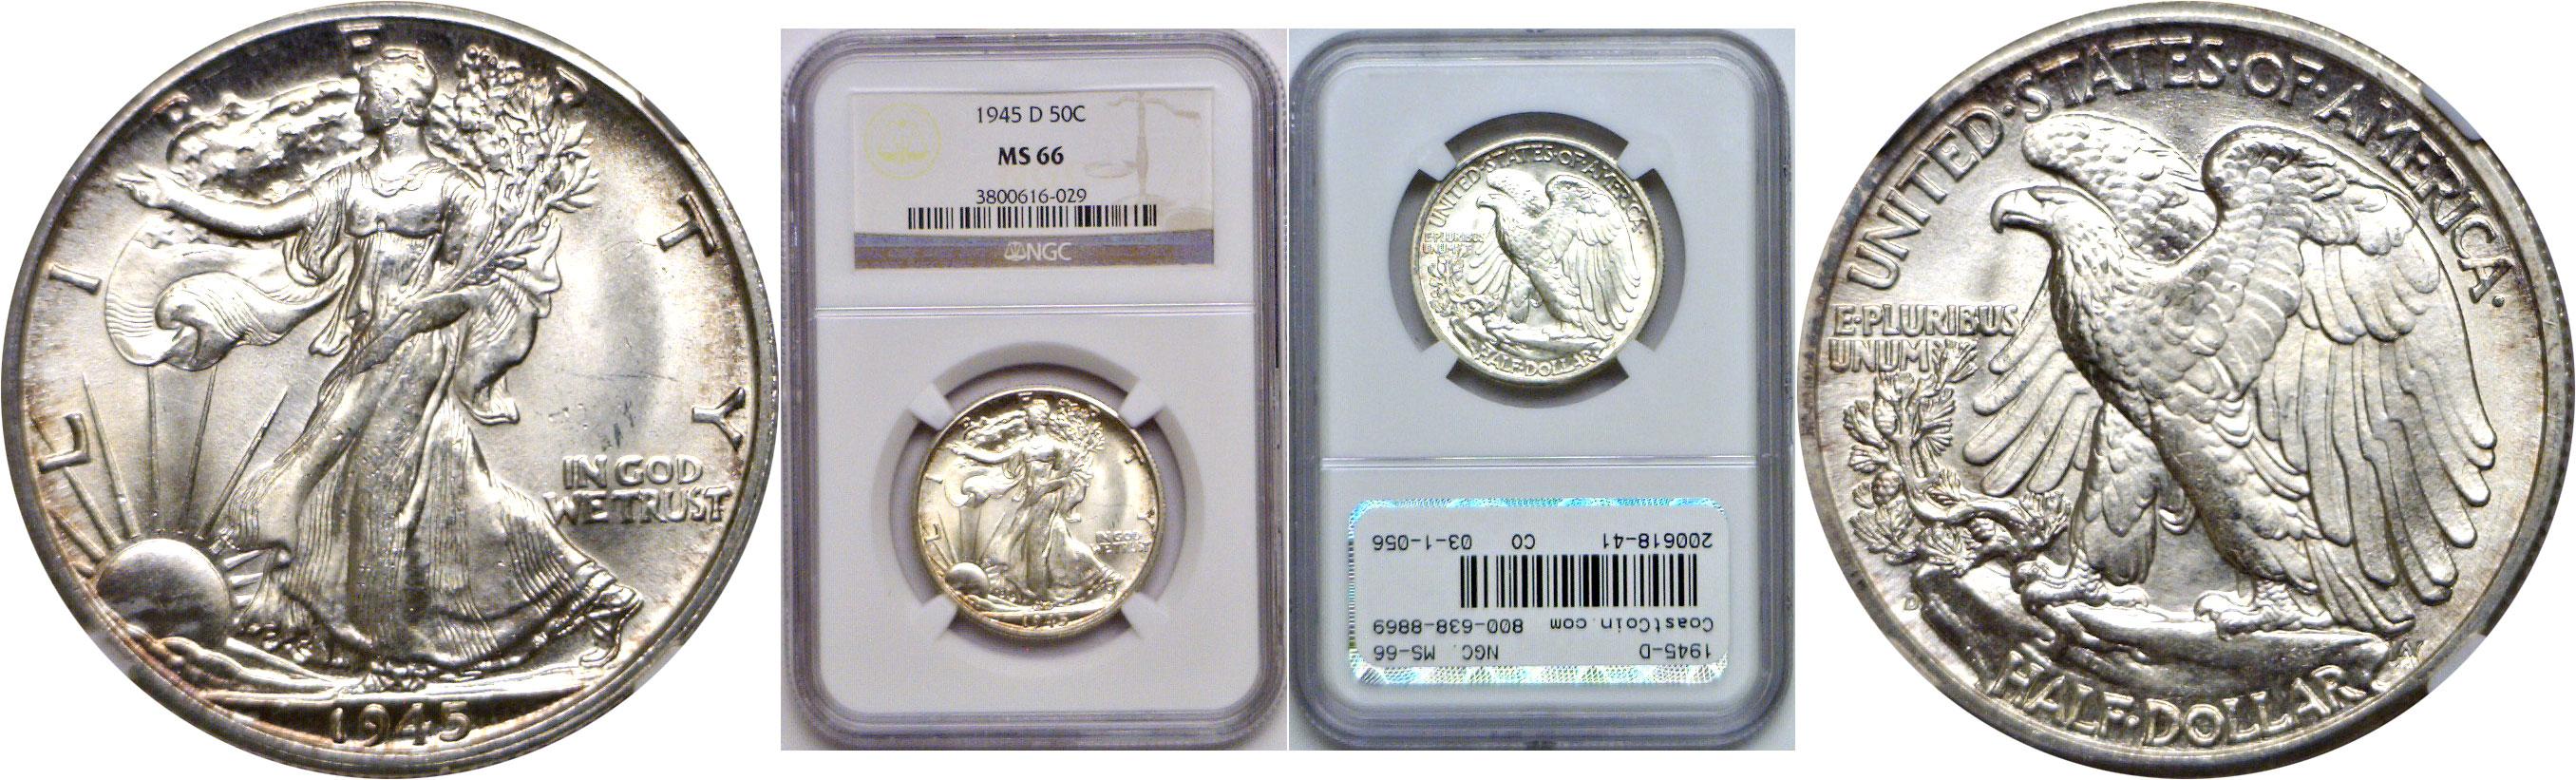 Item 200618-41